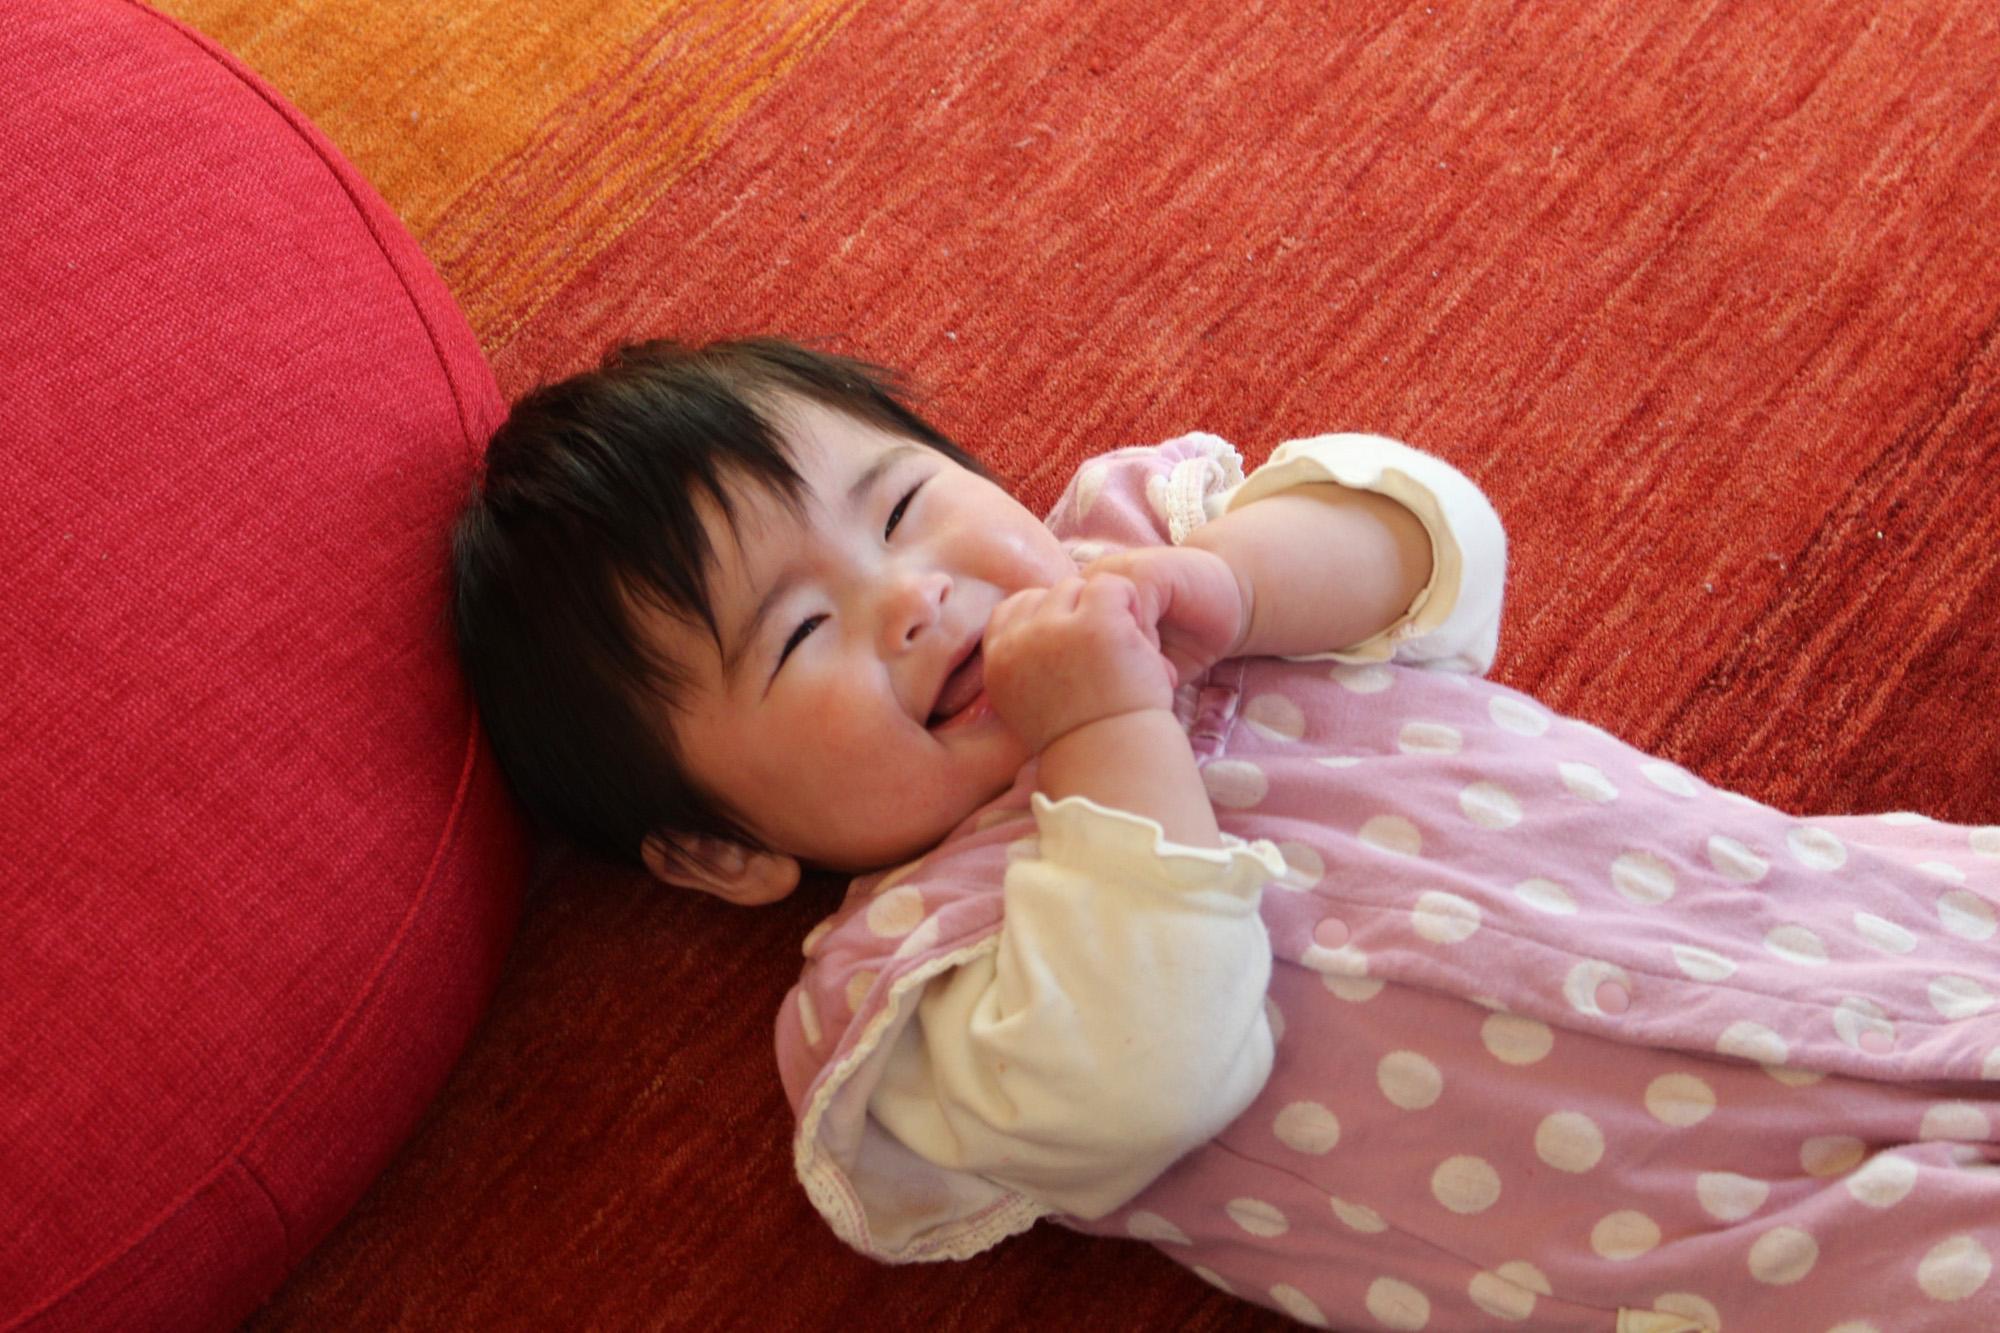 ハグみじゅうたんの上でご機嫌の赤ちゃん